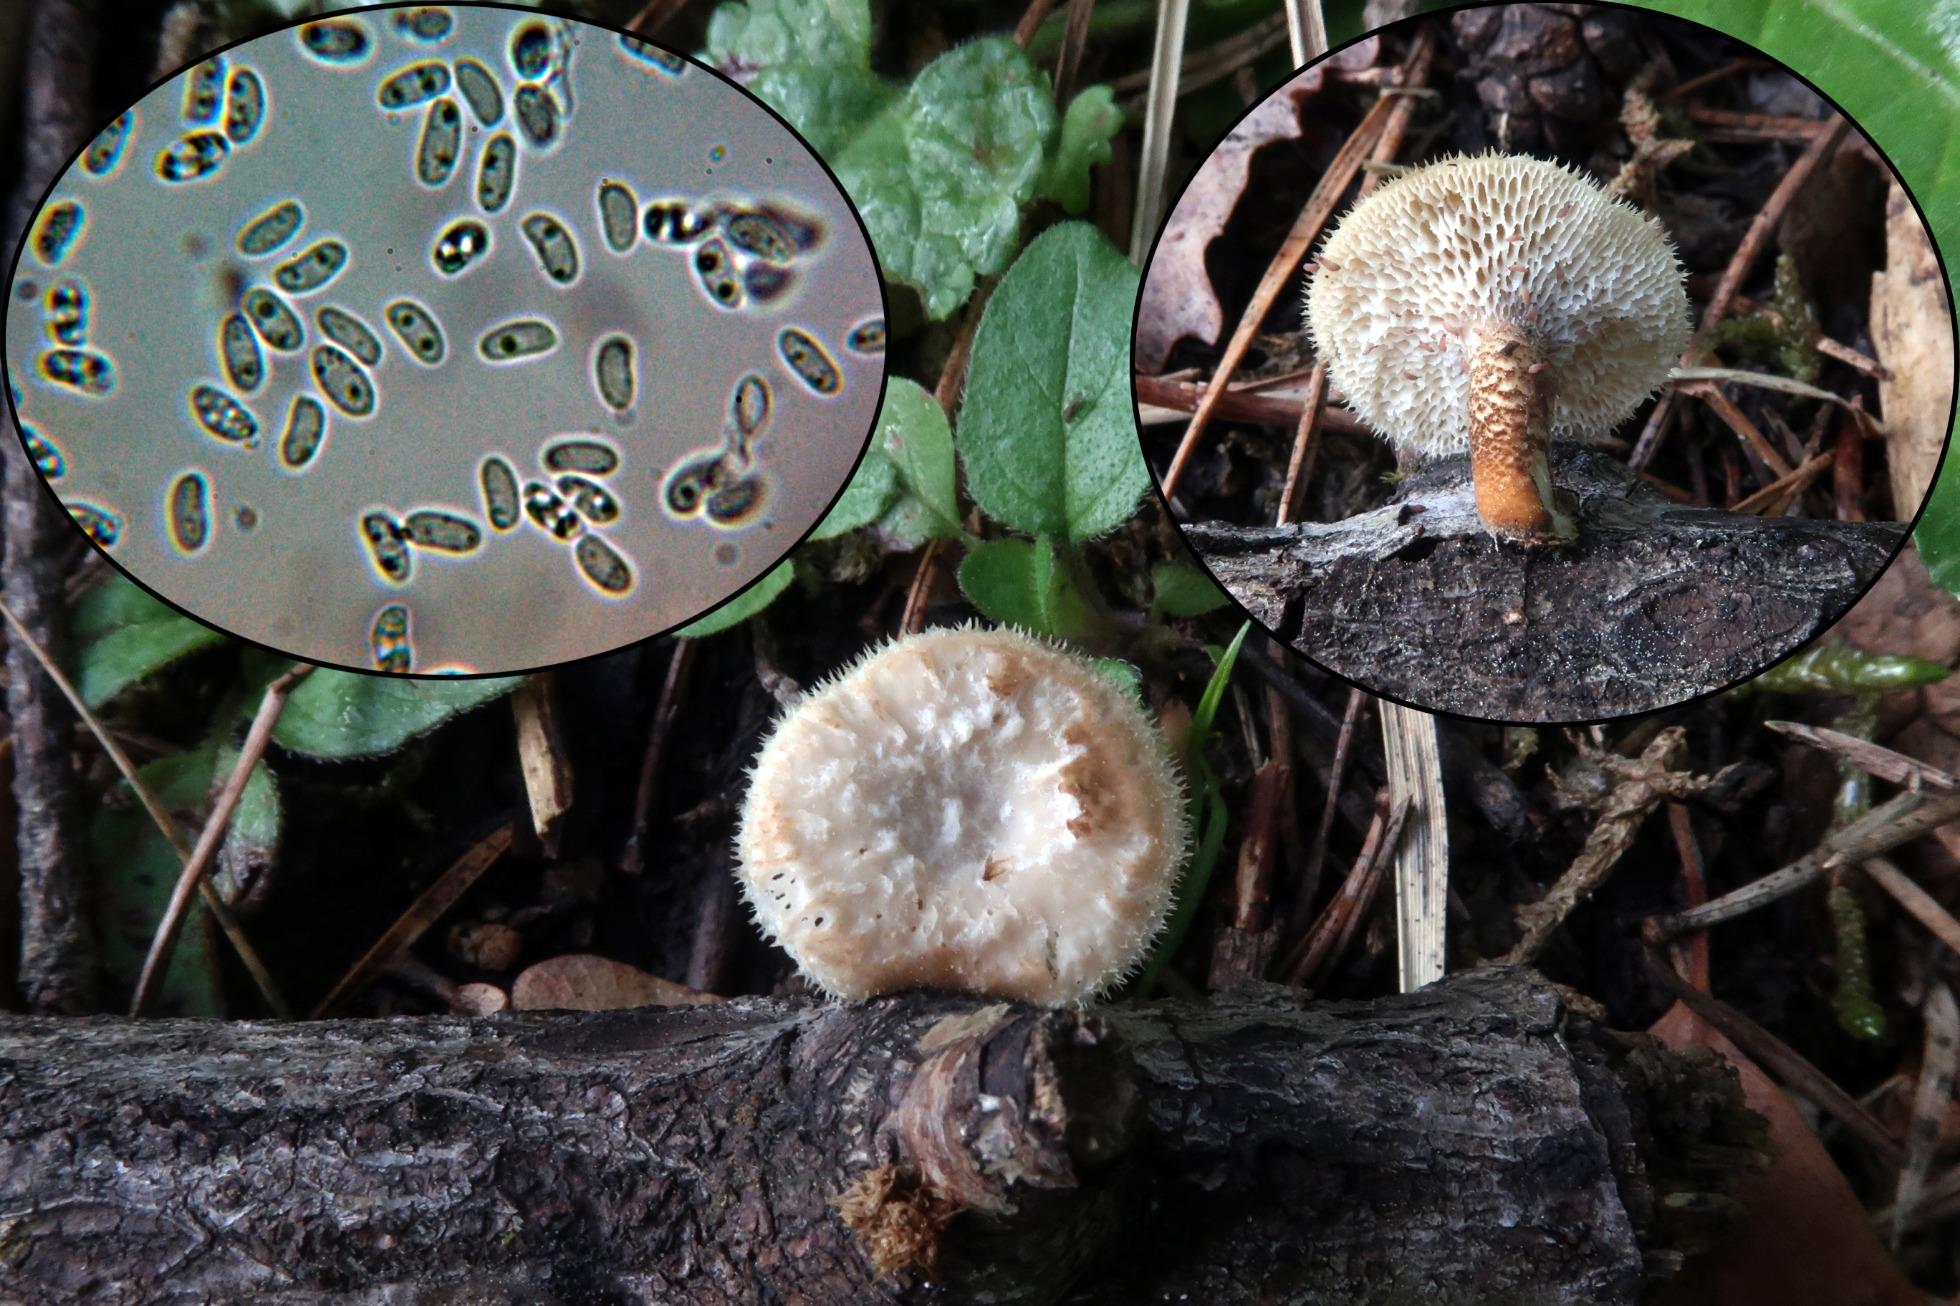 Polyporusarculariusp_2021-06-13.jpg